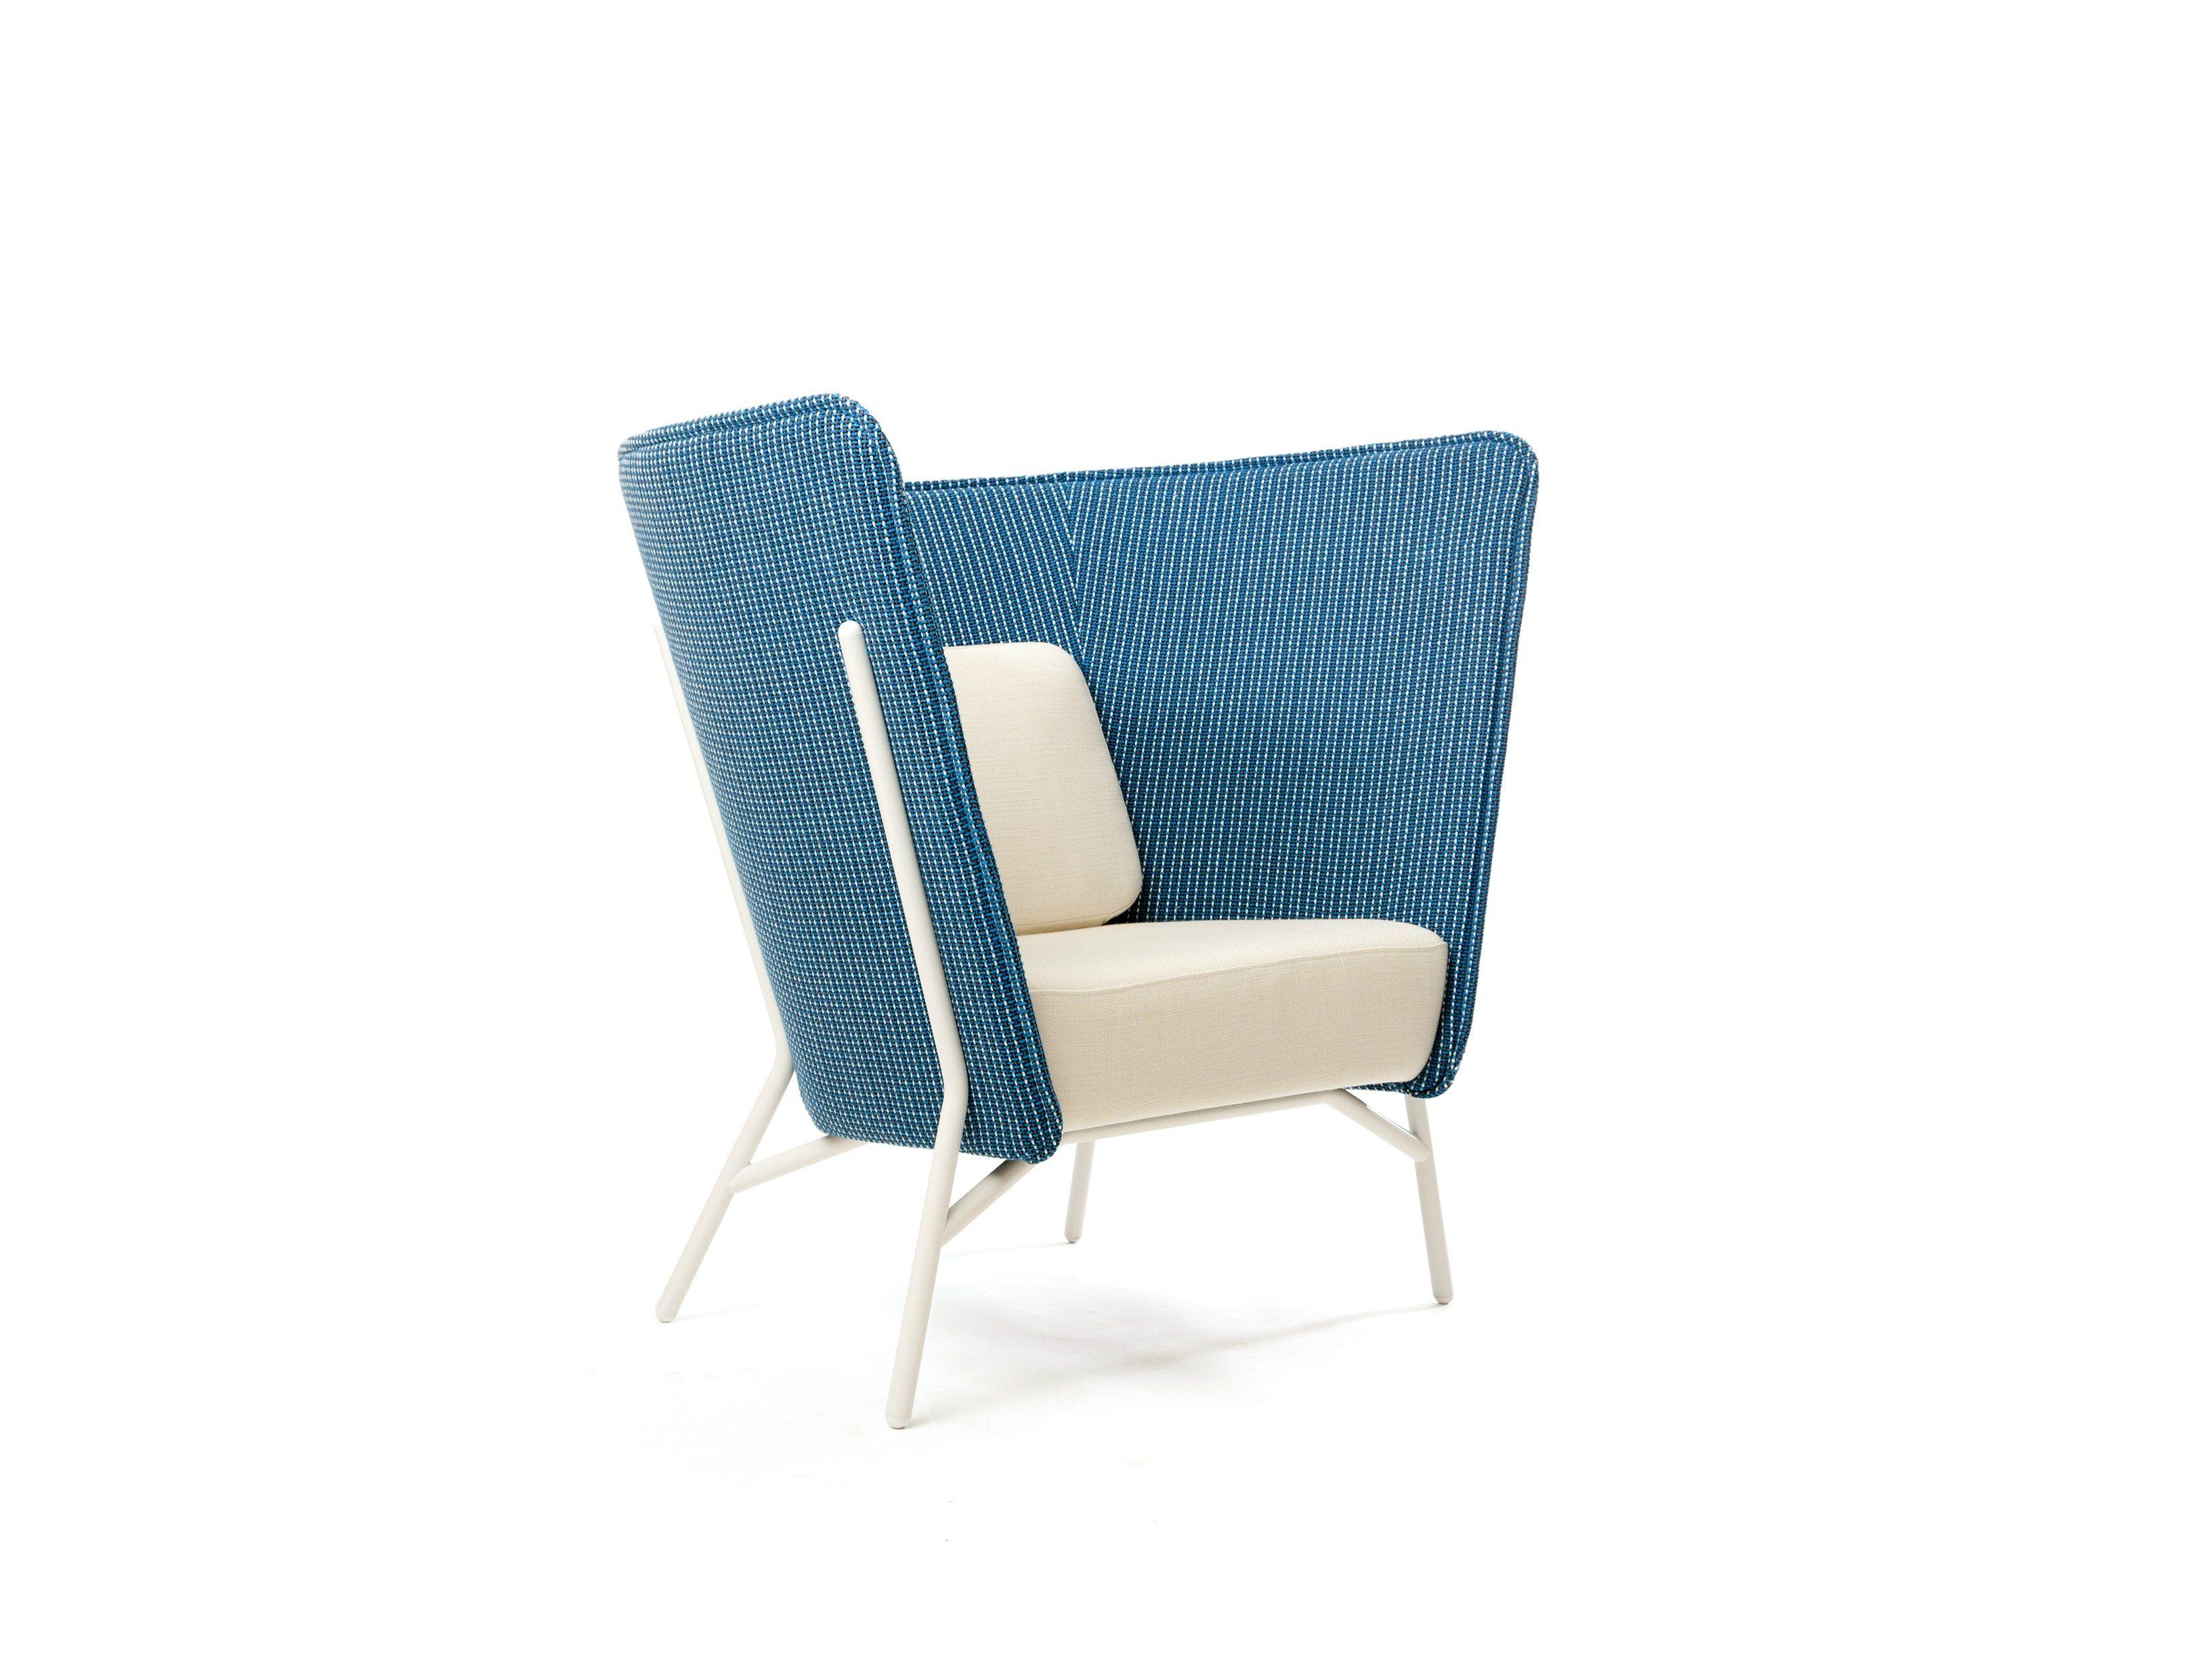 AURA Petit fauteuil by Inno Interior Oy design Mikko Laakkonen